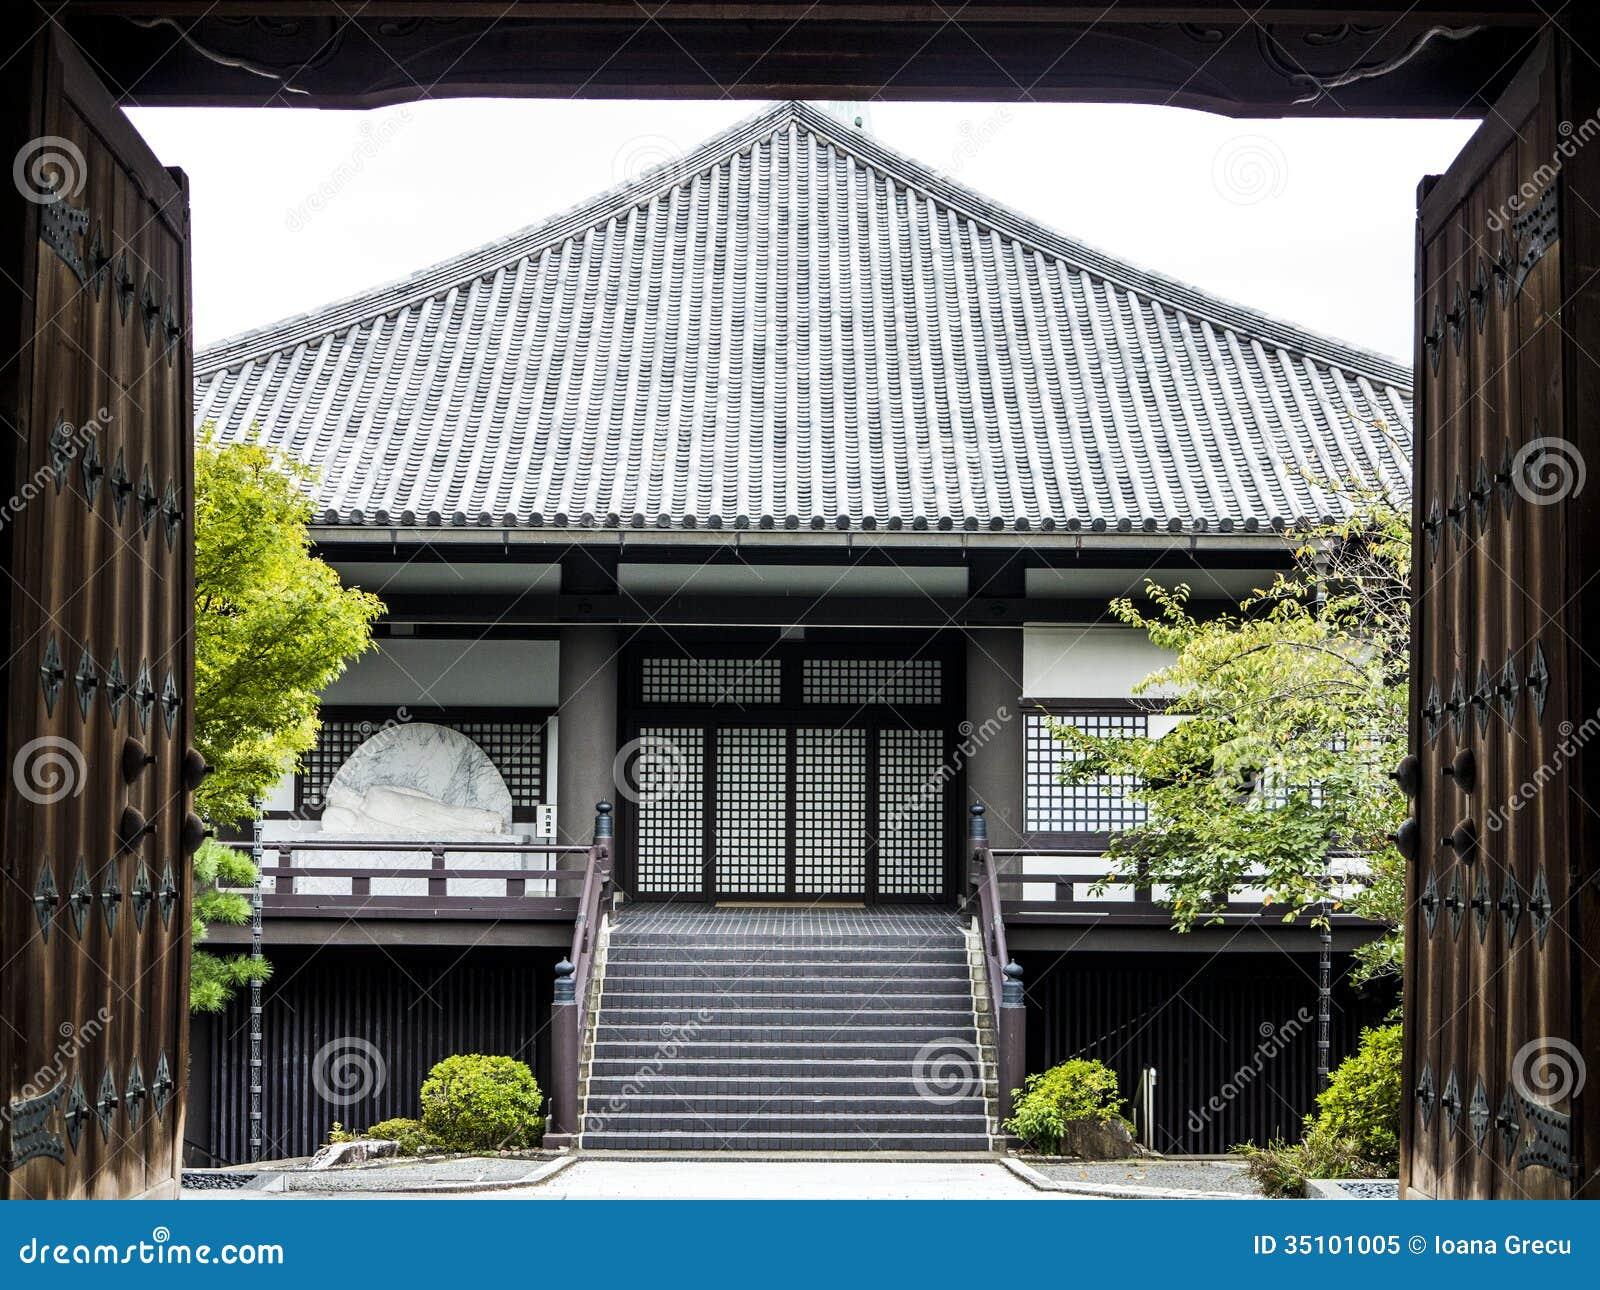 Casa japonesa tradicional foto de stock royalty free - Casa tradicional japonesa ...